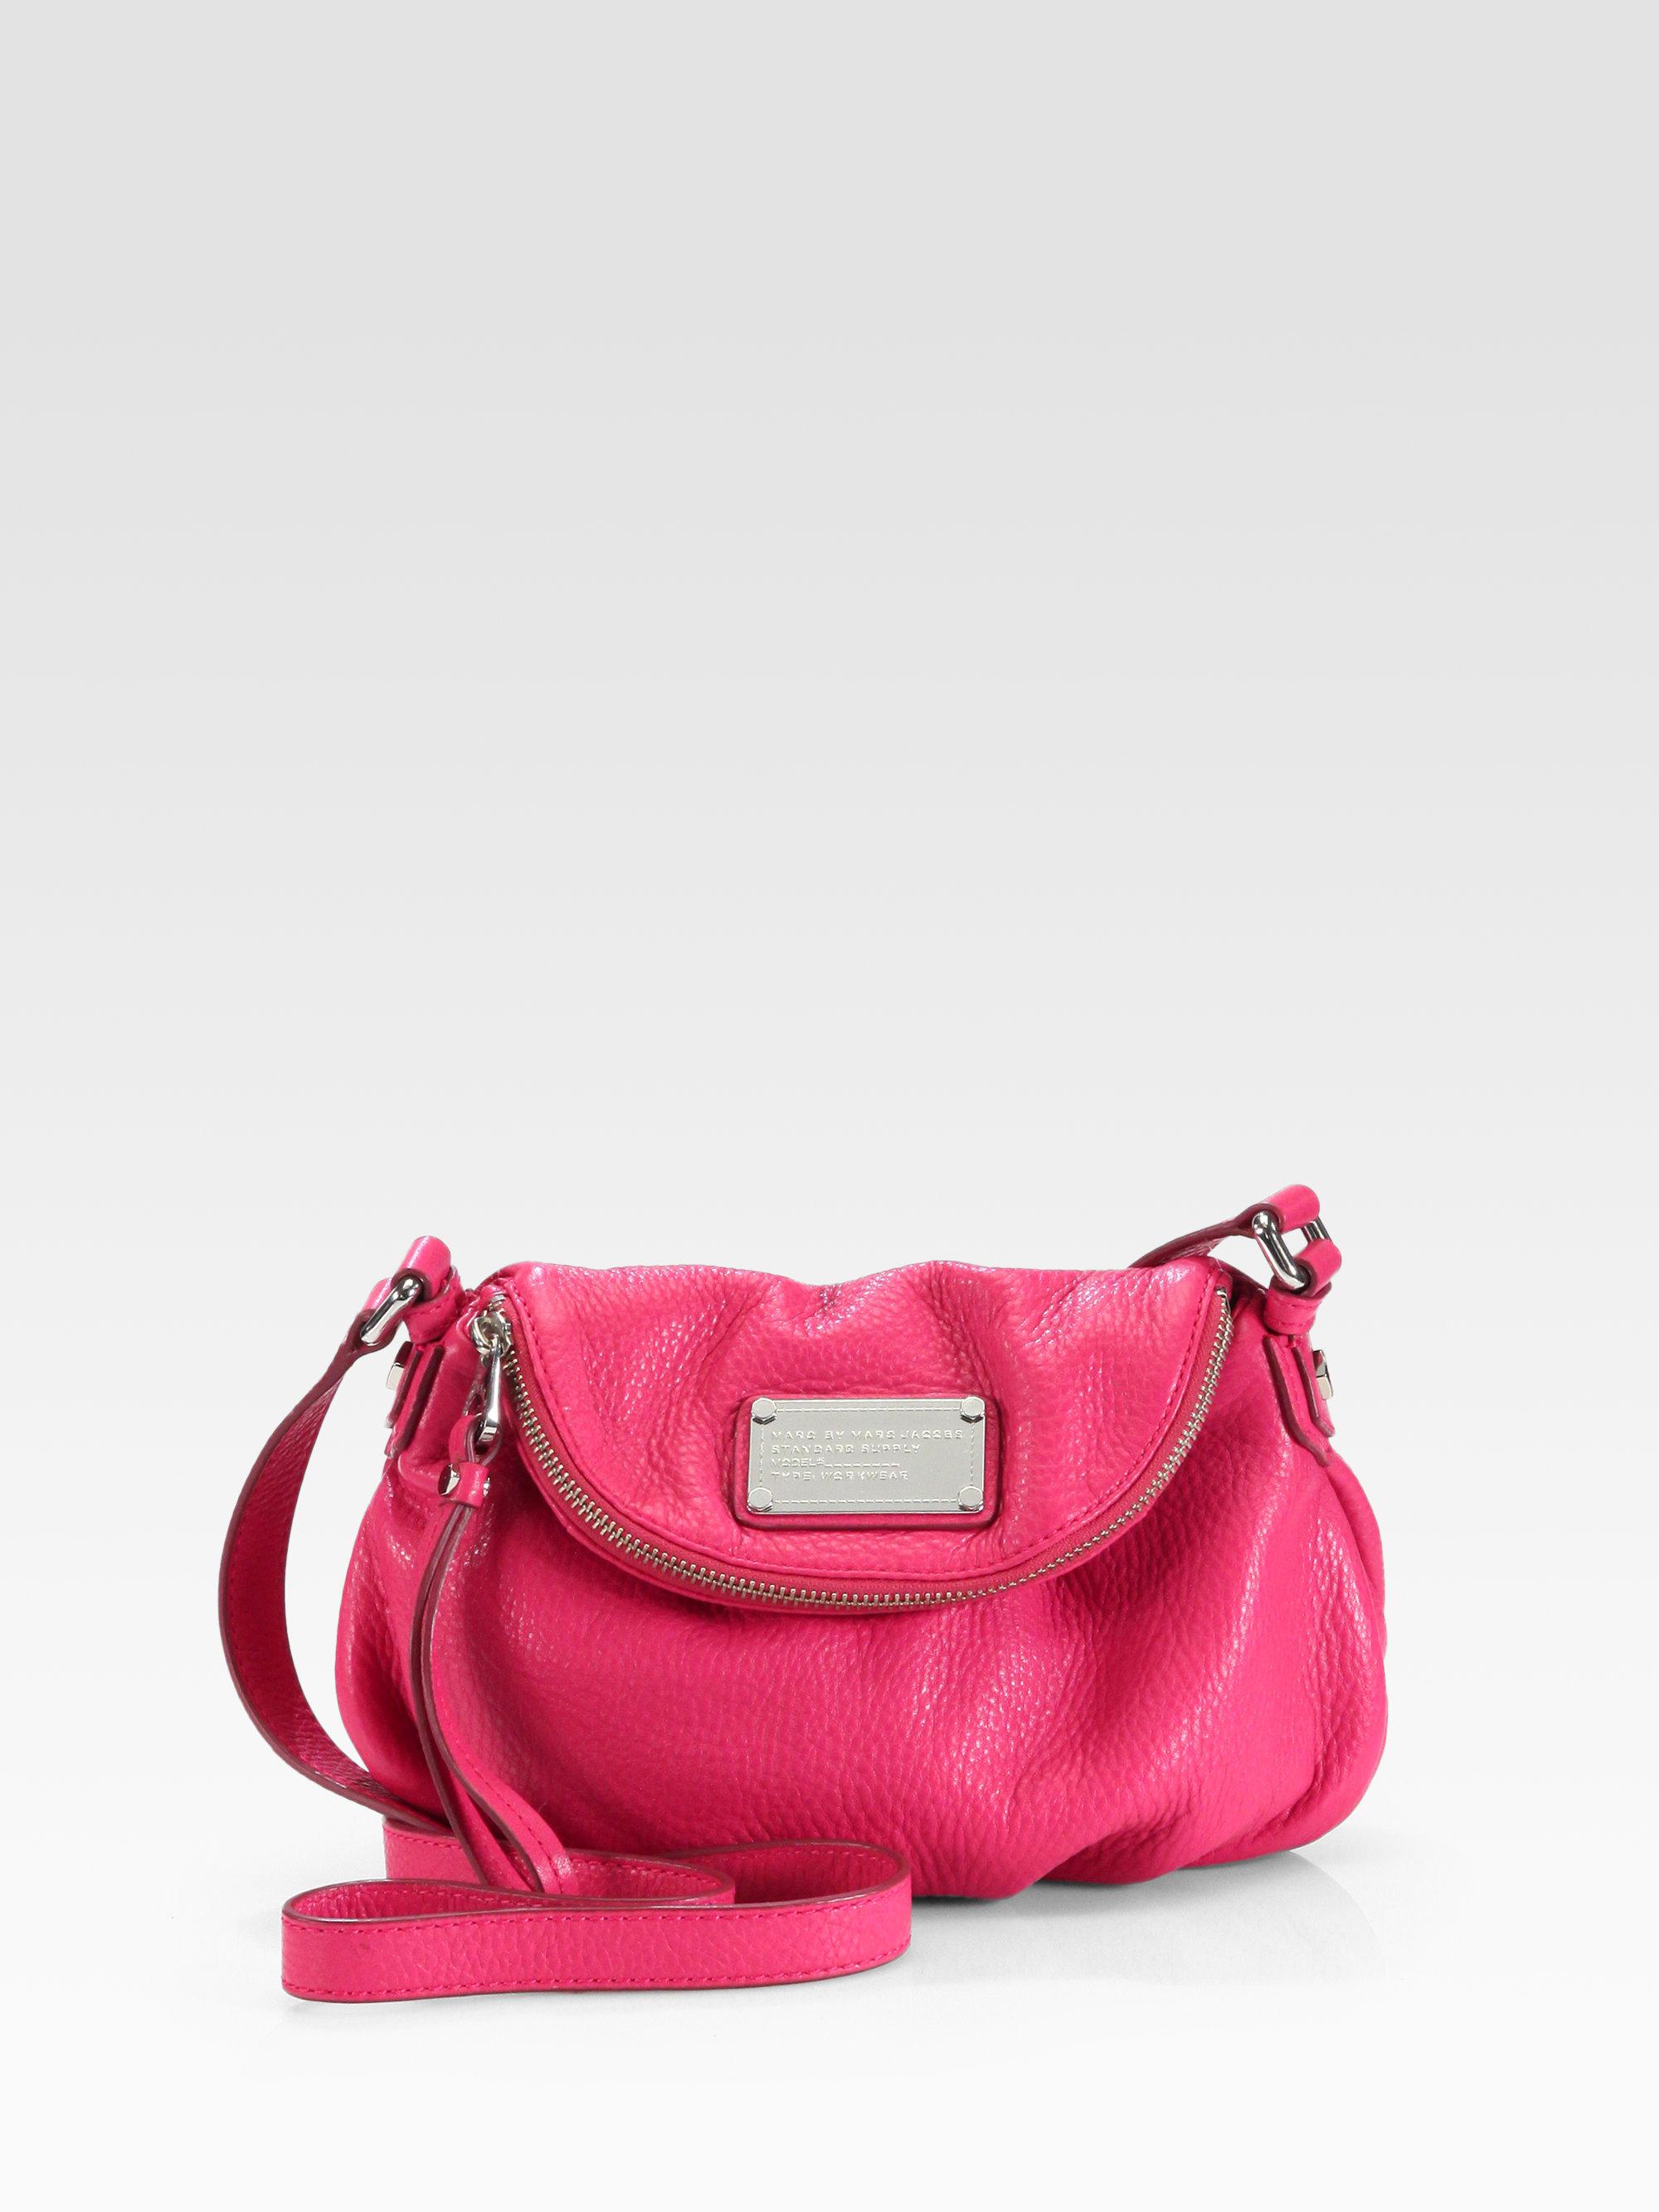 3a349f4d366a7 Marc By Marc Jacobs Classic Q Mini Natasha Shoulder Bag in Pink - Lyst